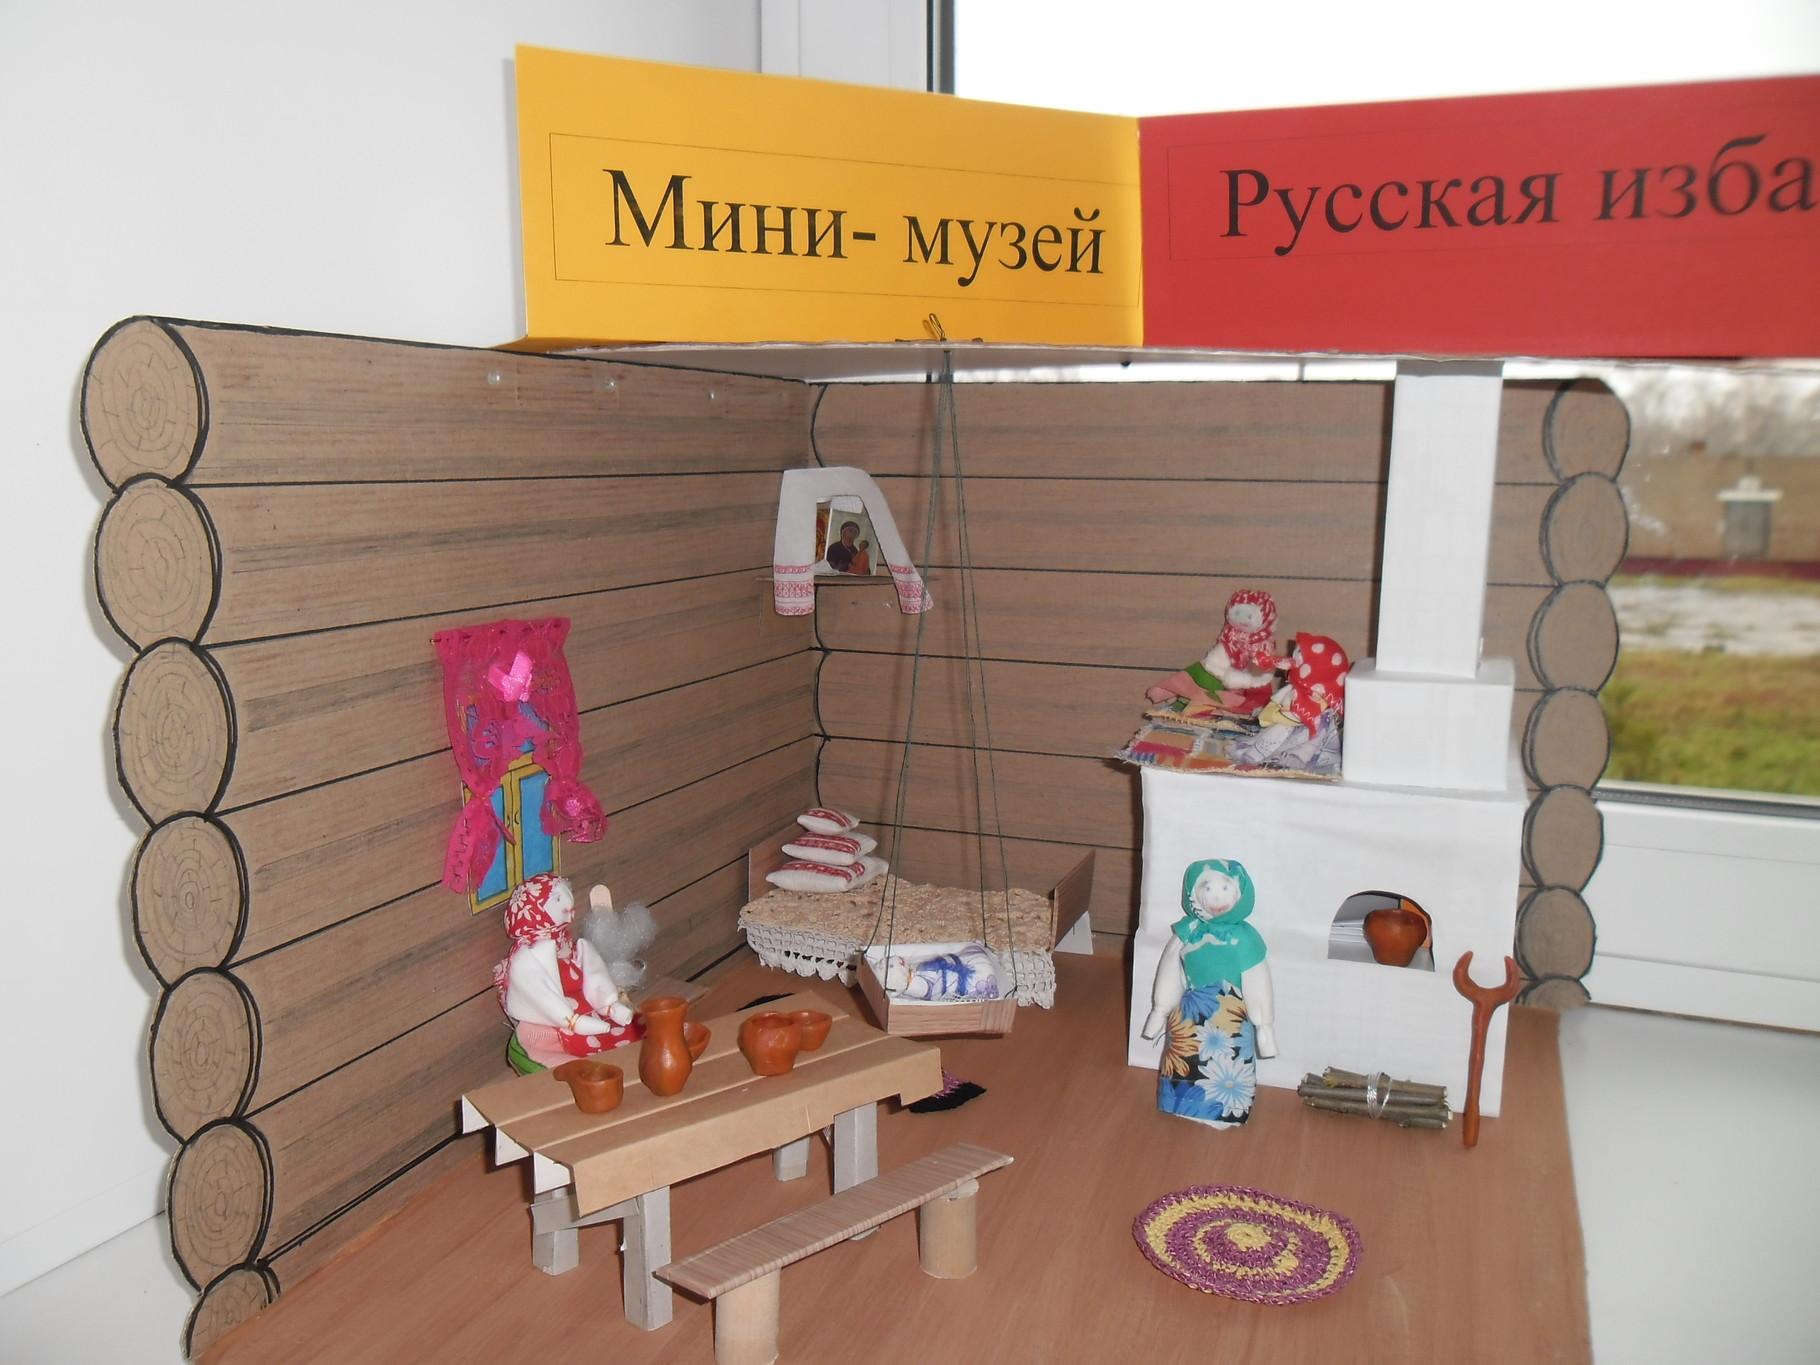 Надпись картинка музей русская изба для детского сада